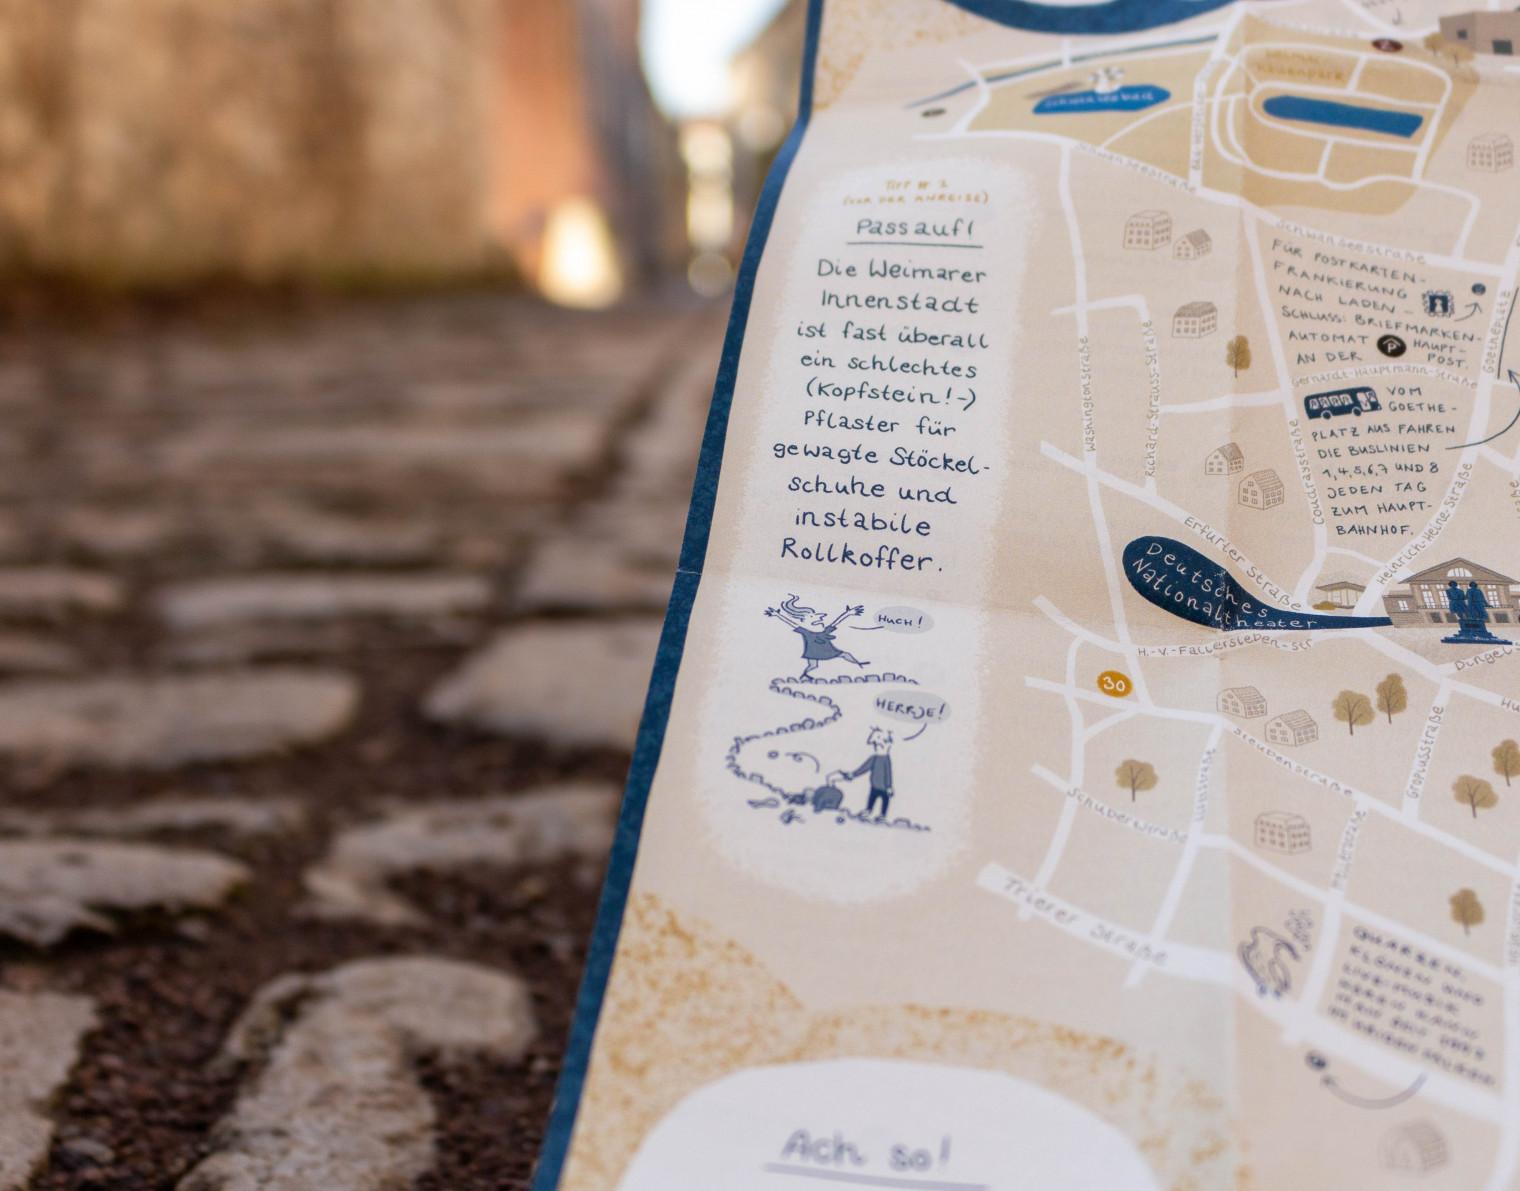 Detail des Stadtplans mit dem Tipp: Pass auf! Die Weimarer Innenstadt ist fast überall ein schlechtes (Kopfstein!-)Pflaster für gewagte Stöckelschuhe und instabile Rollkoffer.